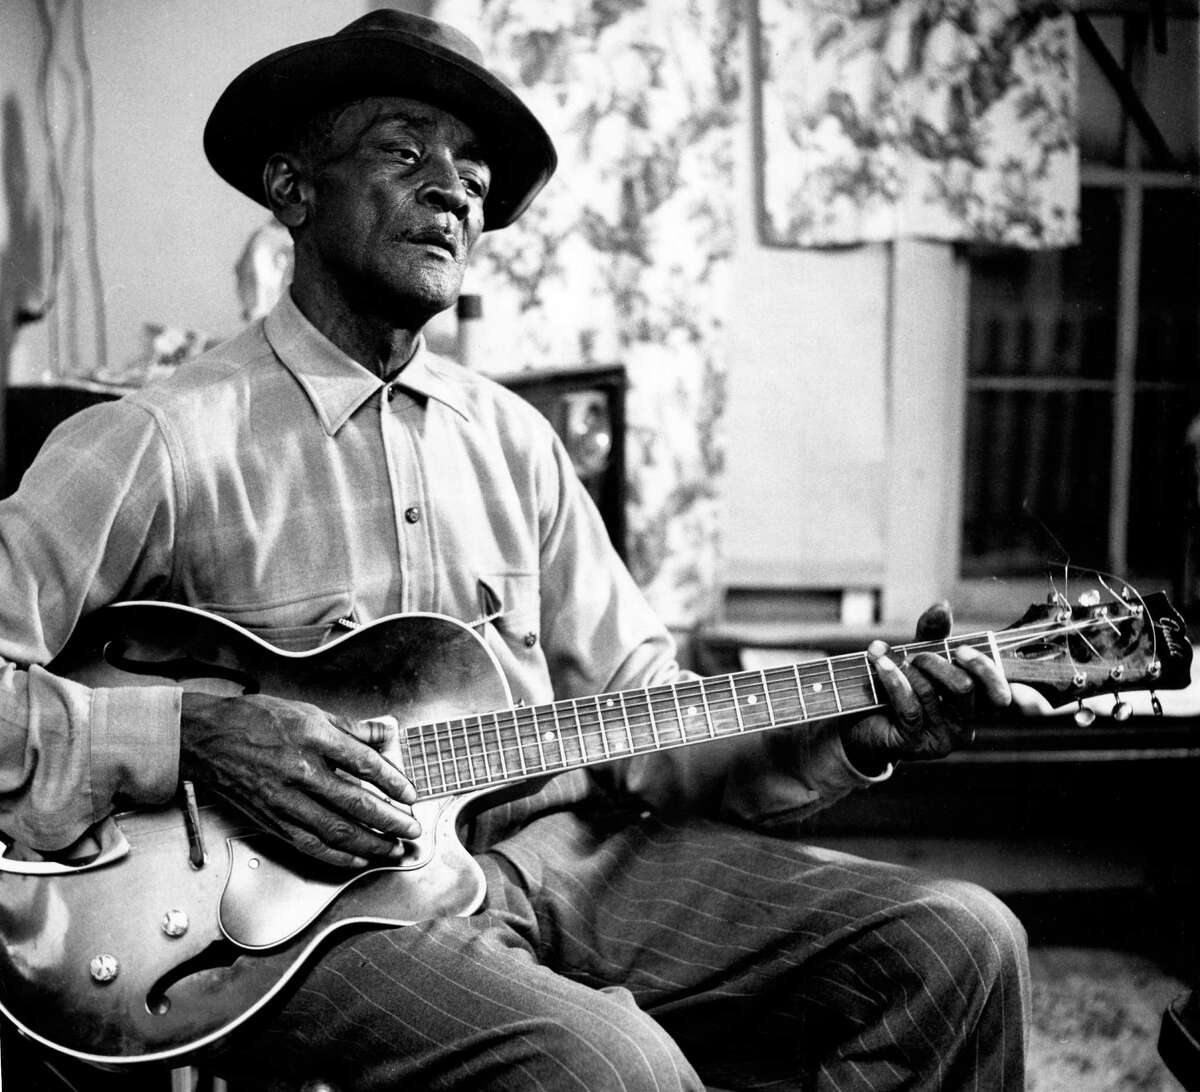 Mance Lipscomb in 1962. Lipscomb primarily played dances in Navasota until Arhoolie Records began recording him.